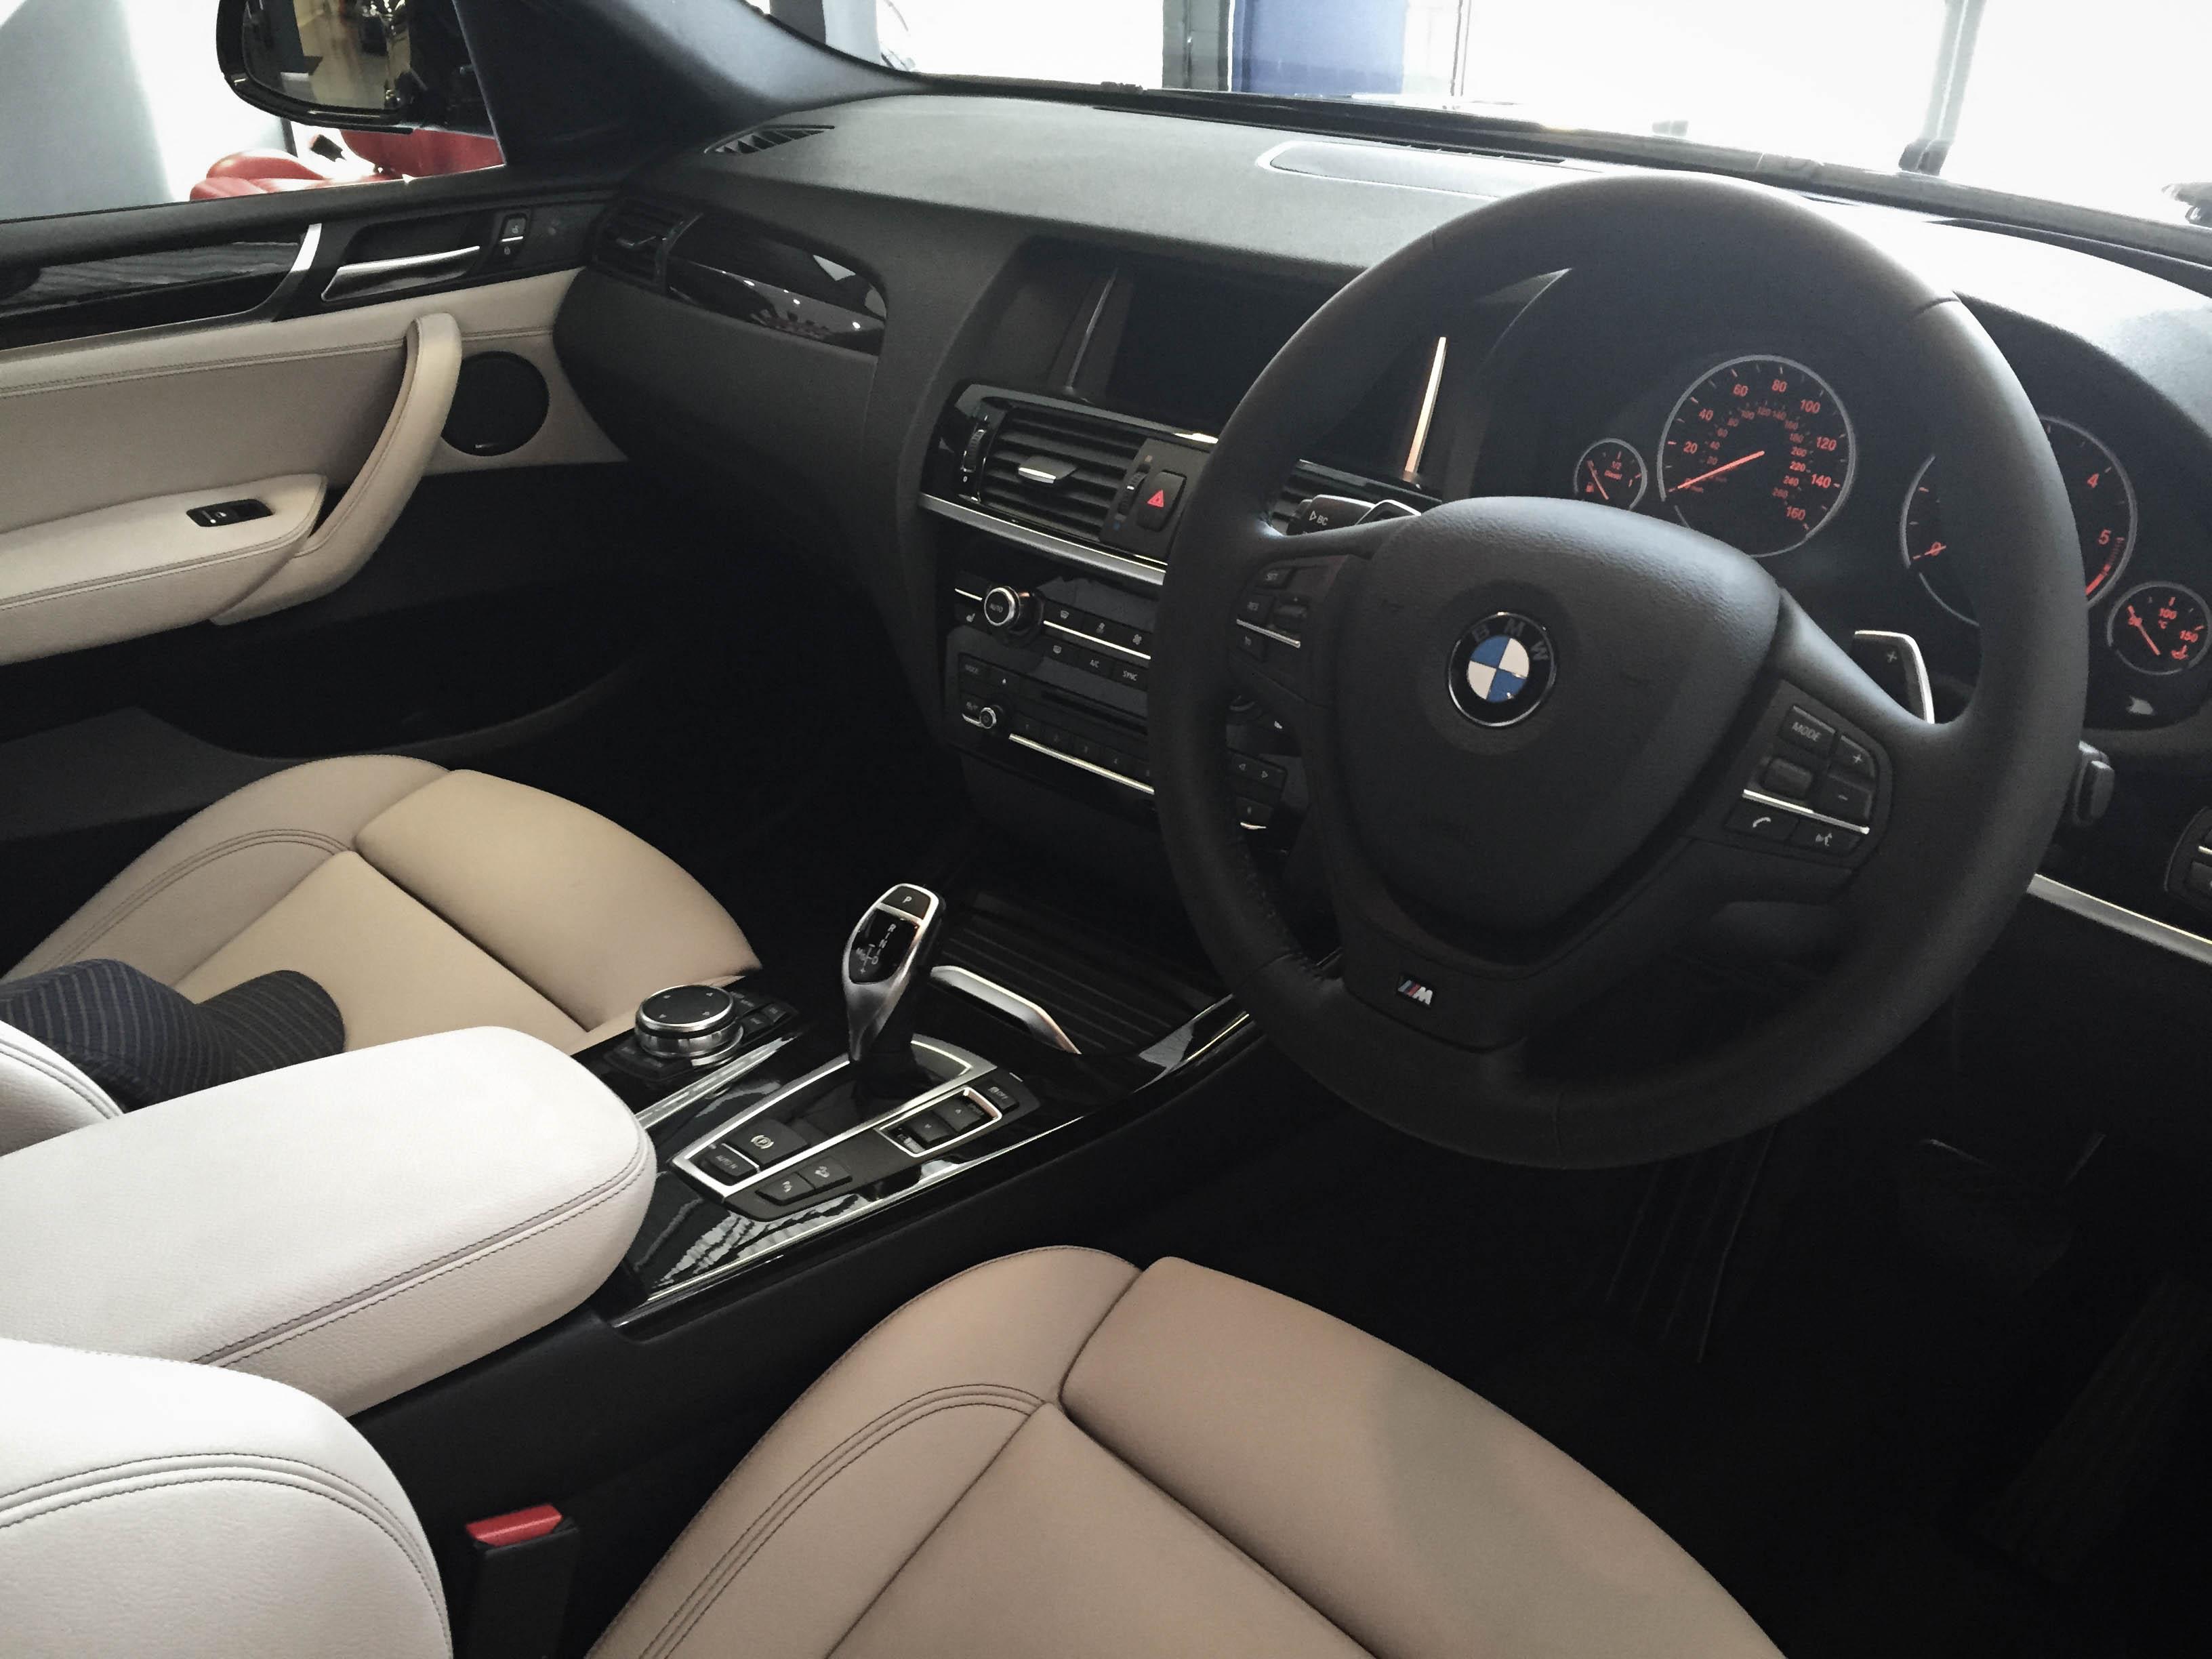 BMW X4 – Detailed Interior